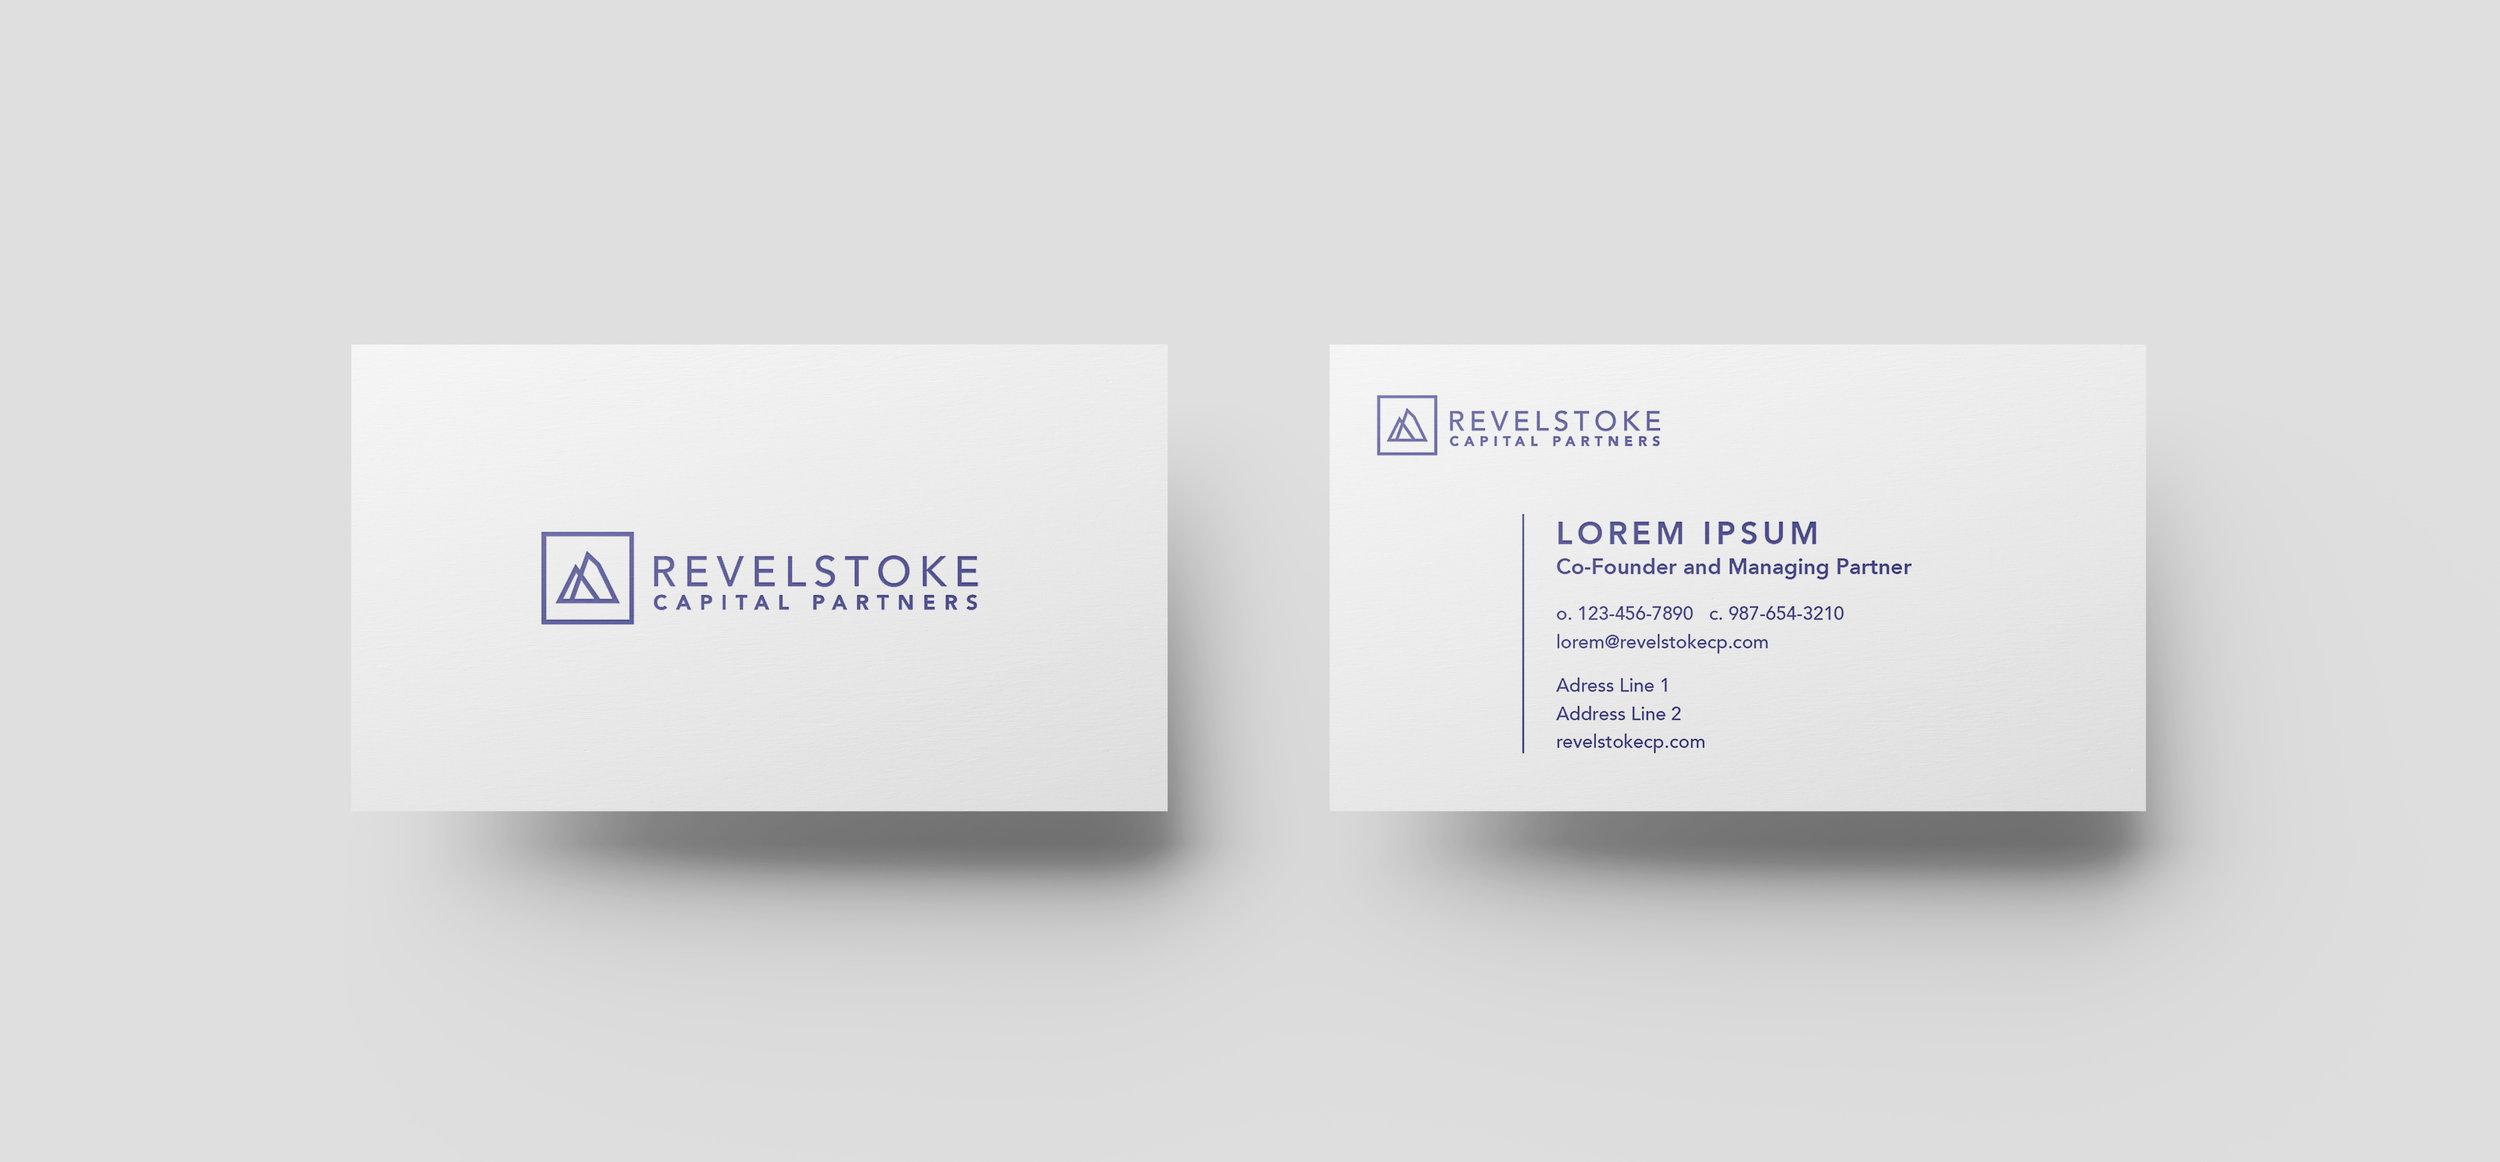 Revelstoke - Mockup - Business Cards .jpg